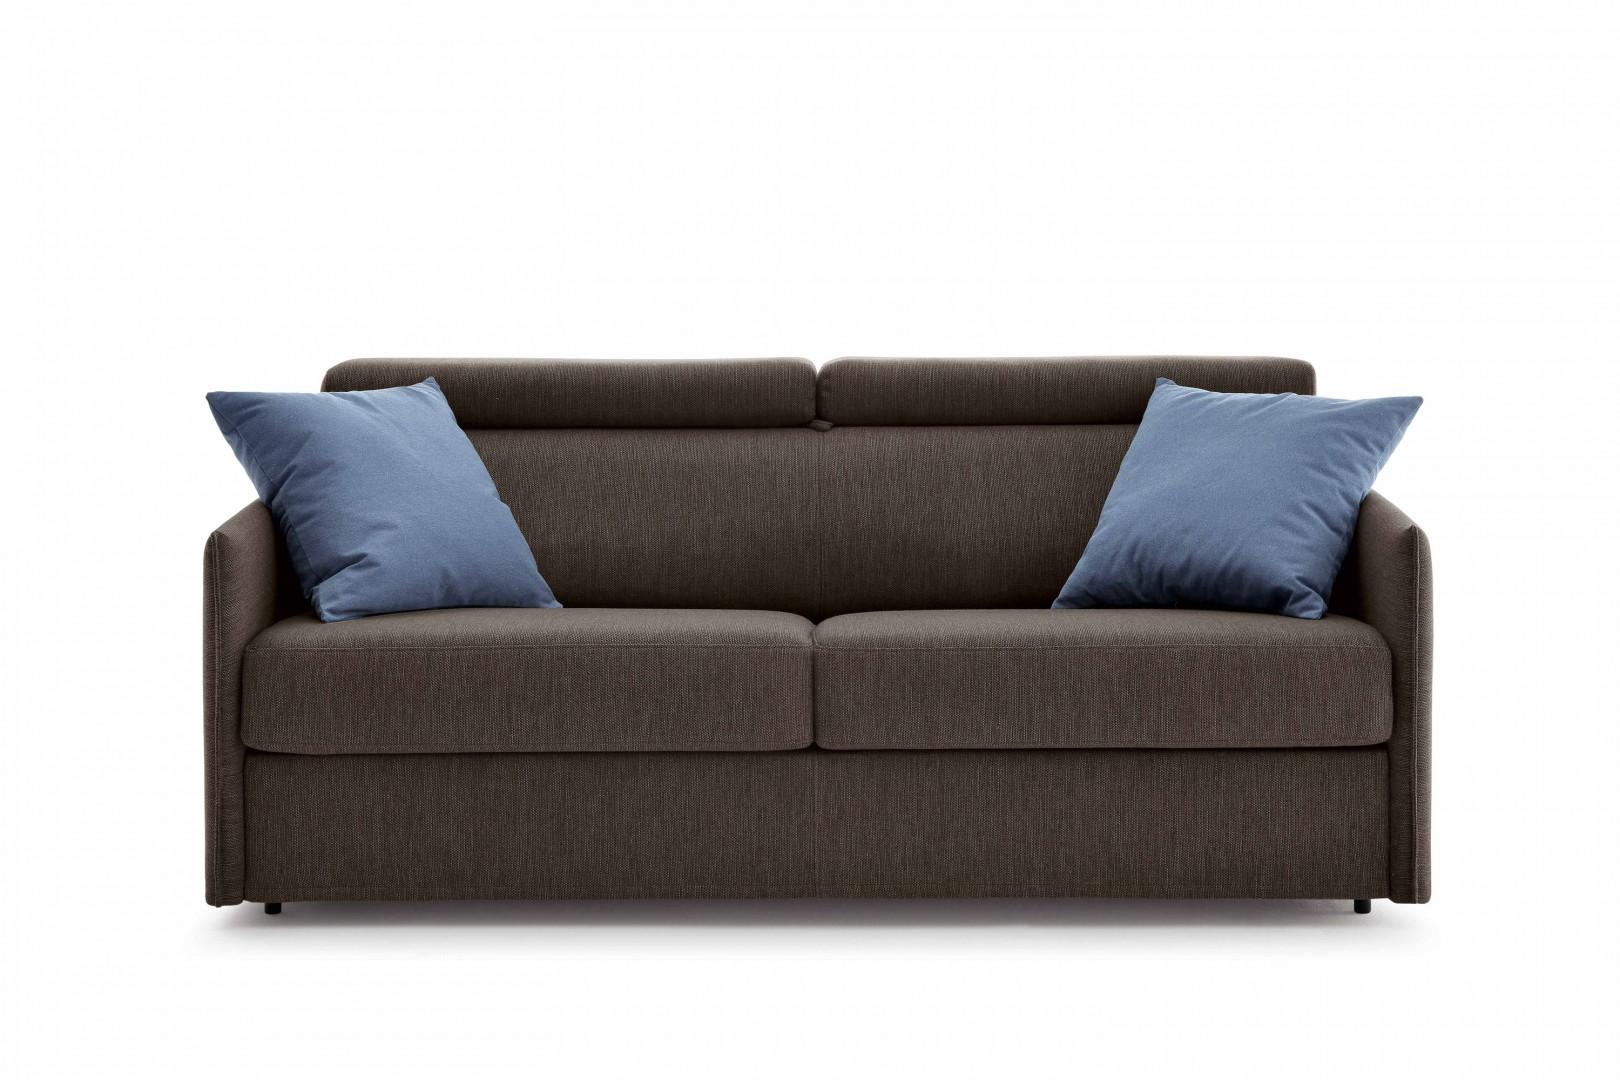 Canapea extensibila 3 locuri Tiffany